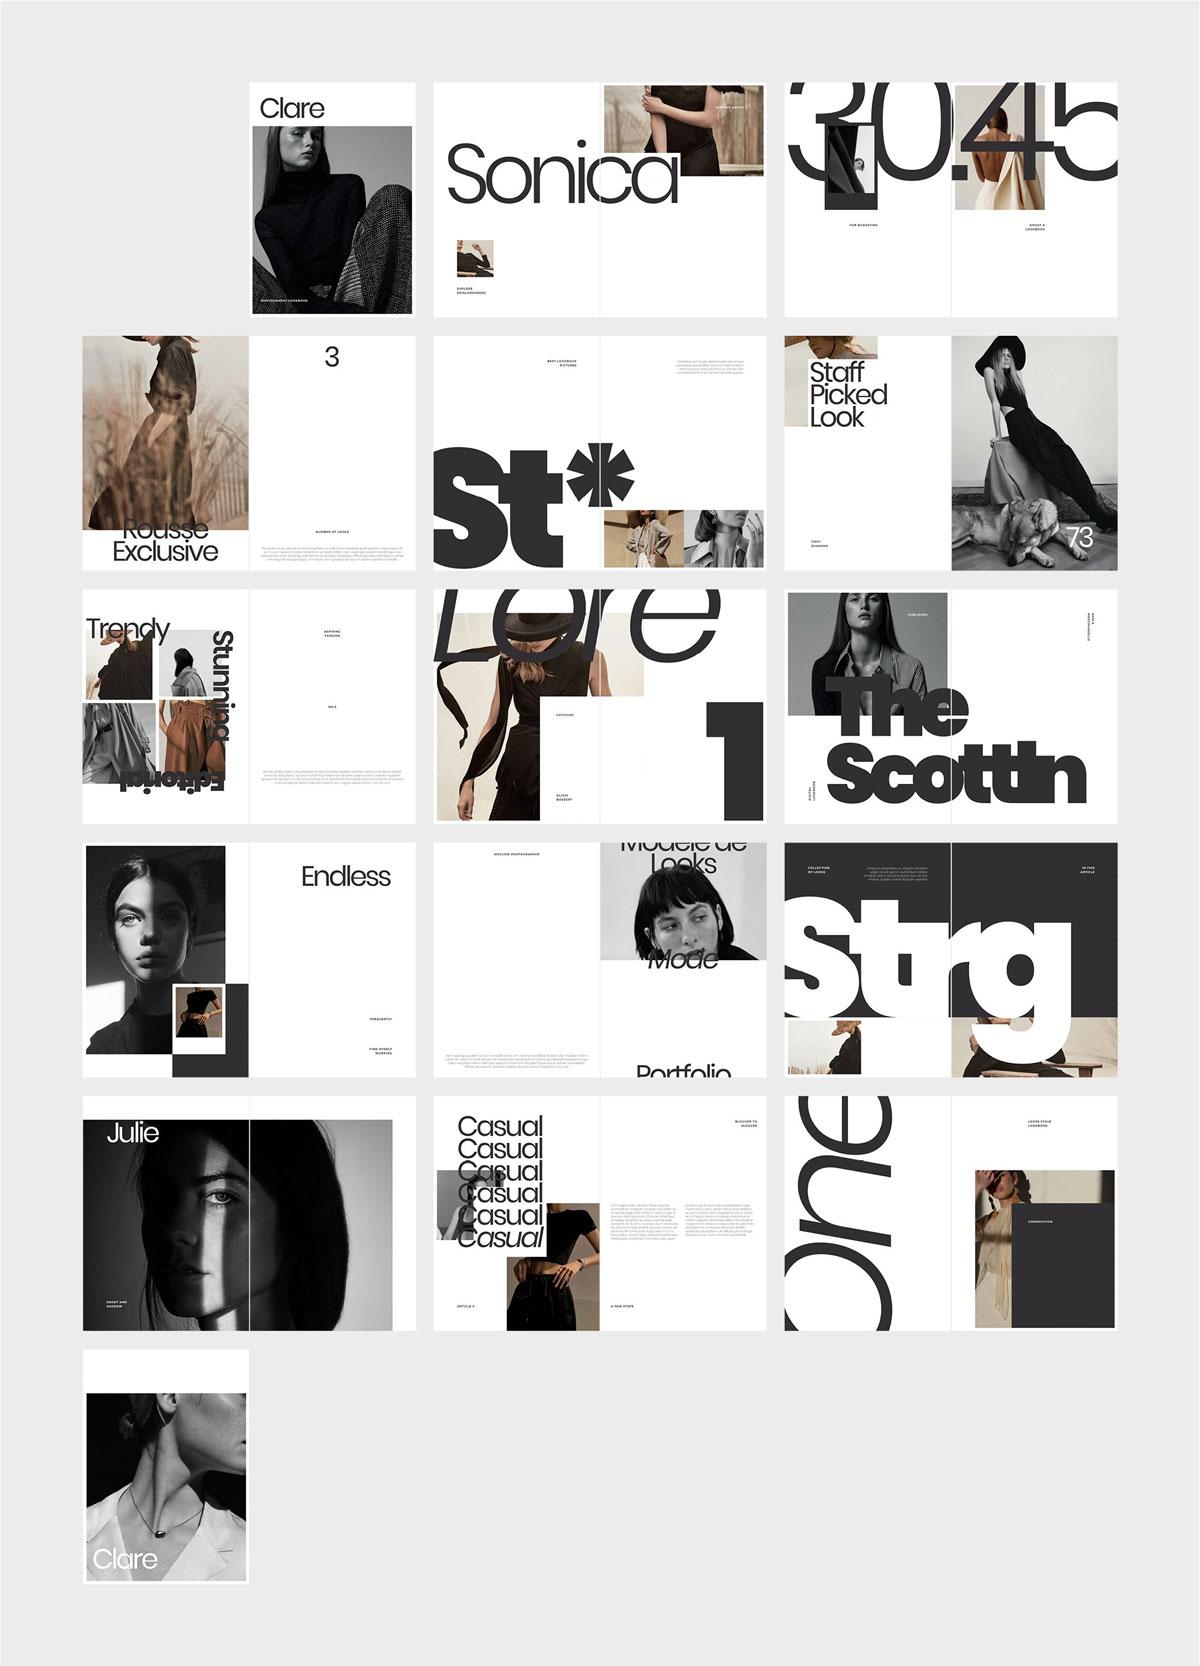 极简主义女性服装摄影作品集宣传画册设计INDD模板 CLARE Photography Lookbook插图(6)